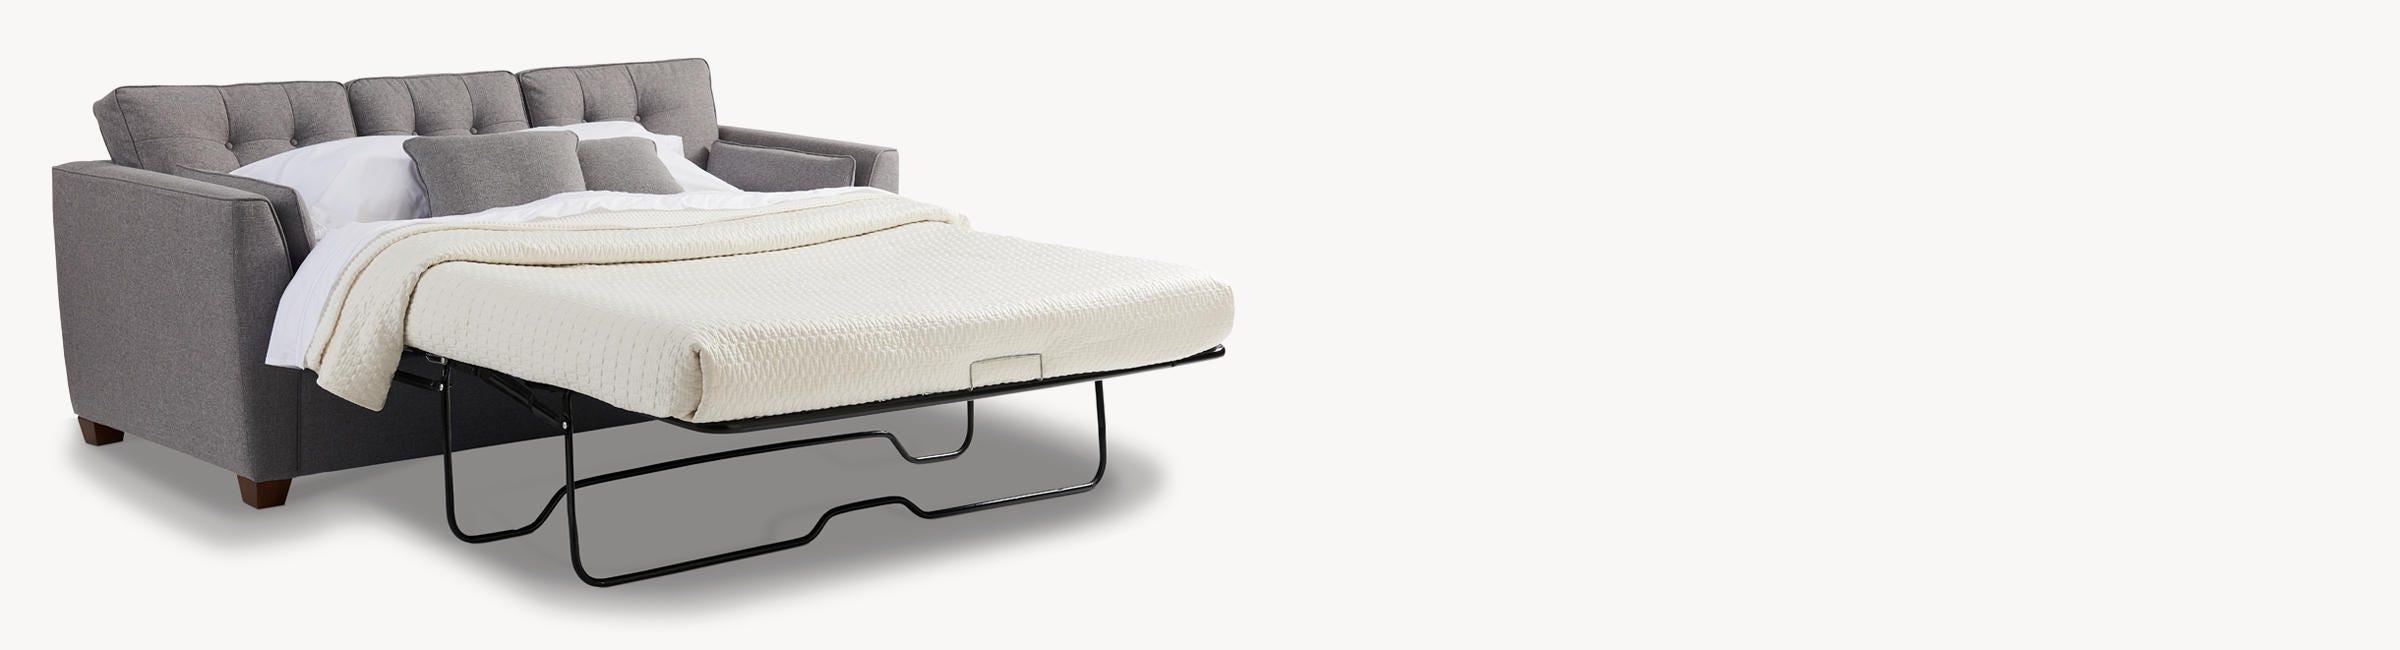 Canapés-lits